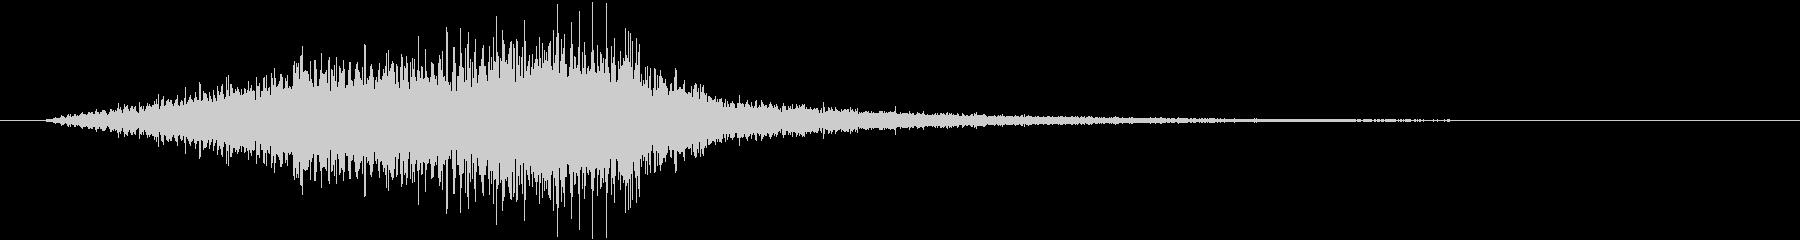 フェイドイン ストリングス オケヒットの未再生の波形